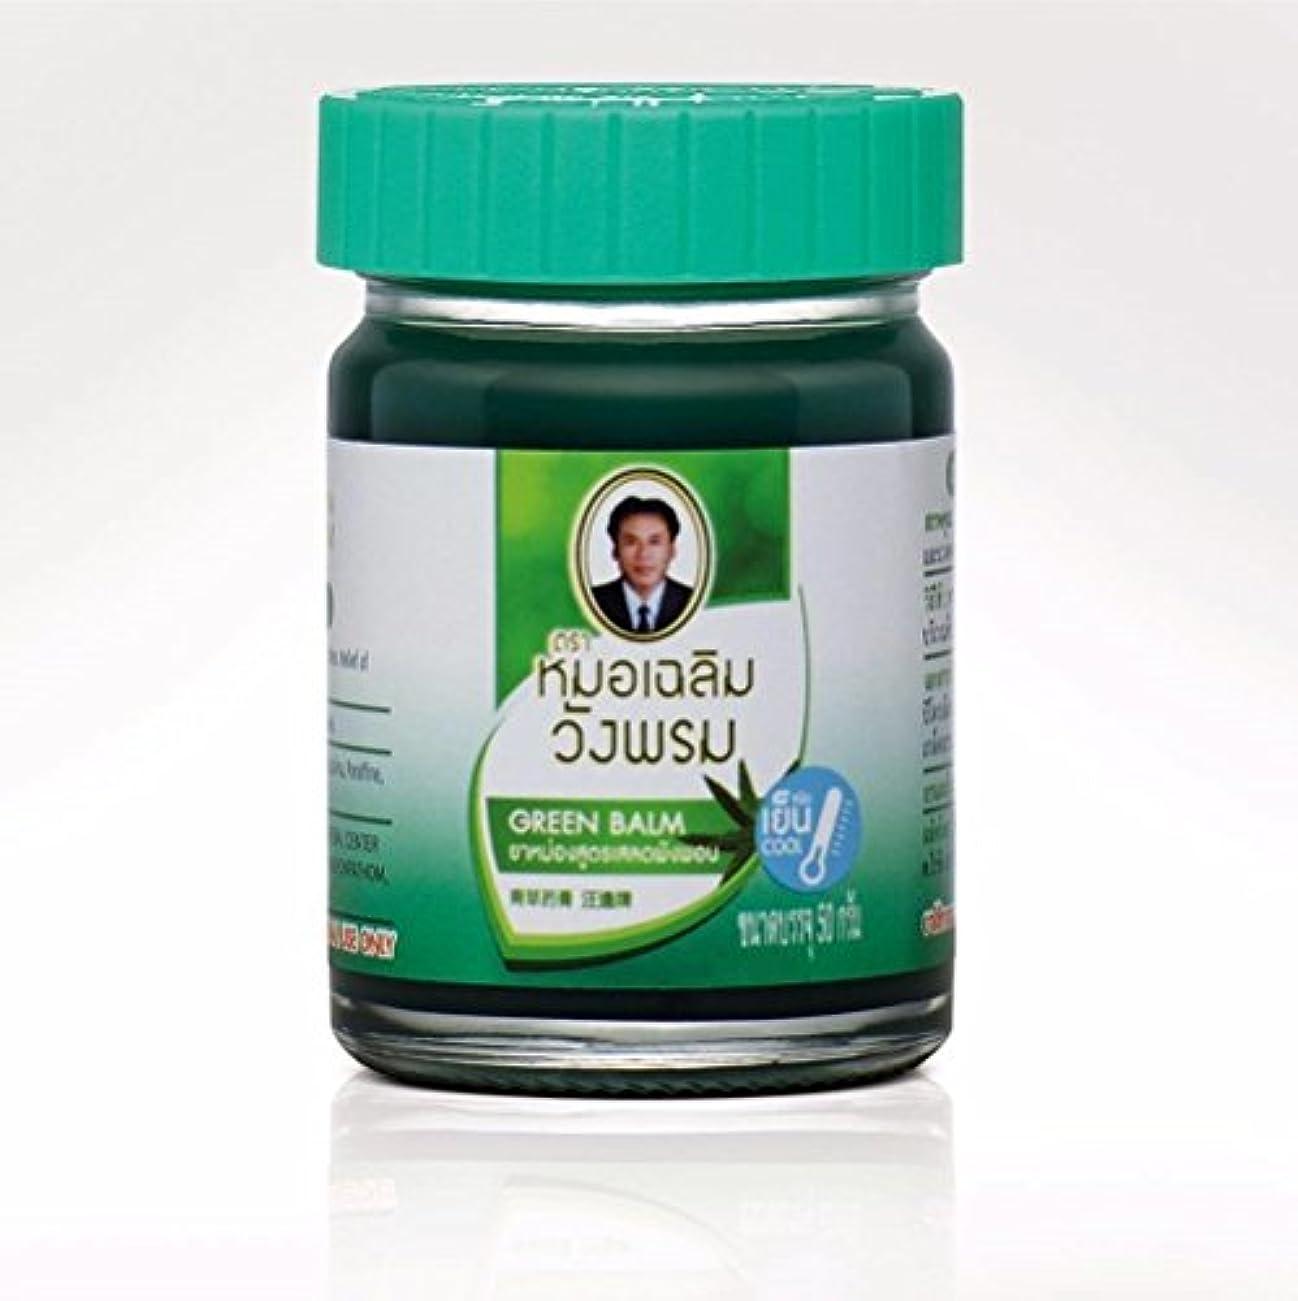 主張透過性カバー50G.Wangphrom Thai Herbal Balm Massage Body Relief Muscle Pain,Thai Herb Green Balm (COOL) size 50 gram..(2 pc.)